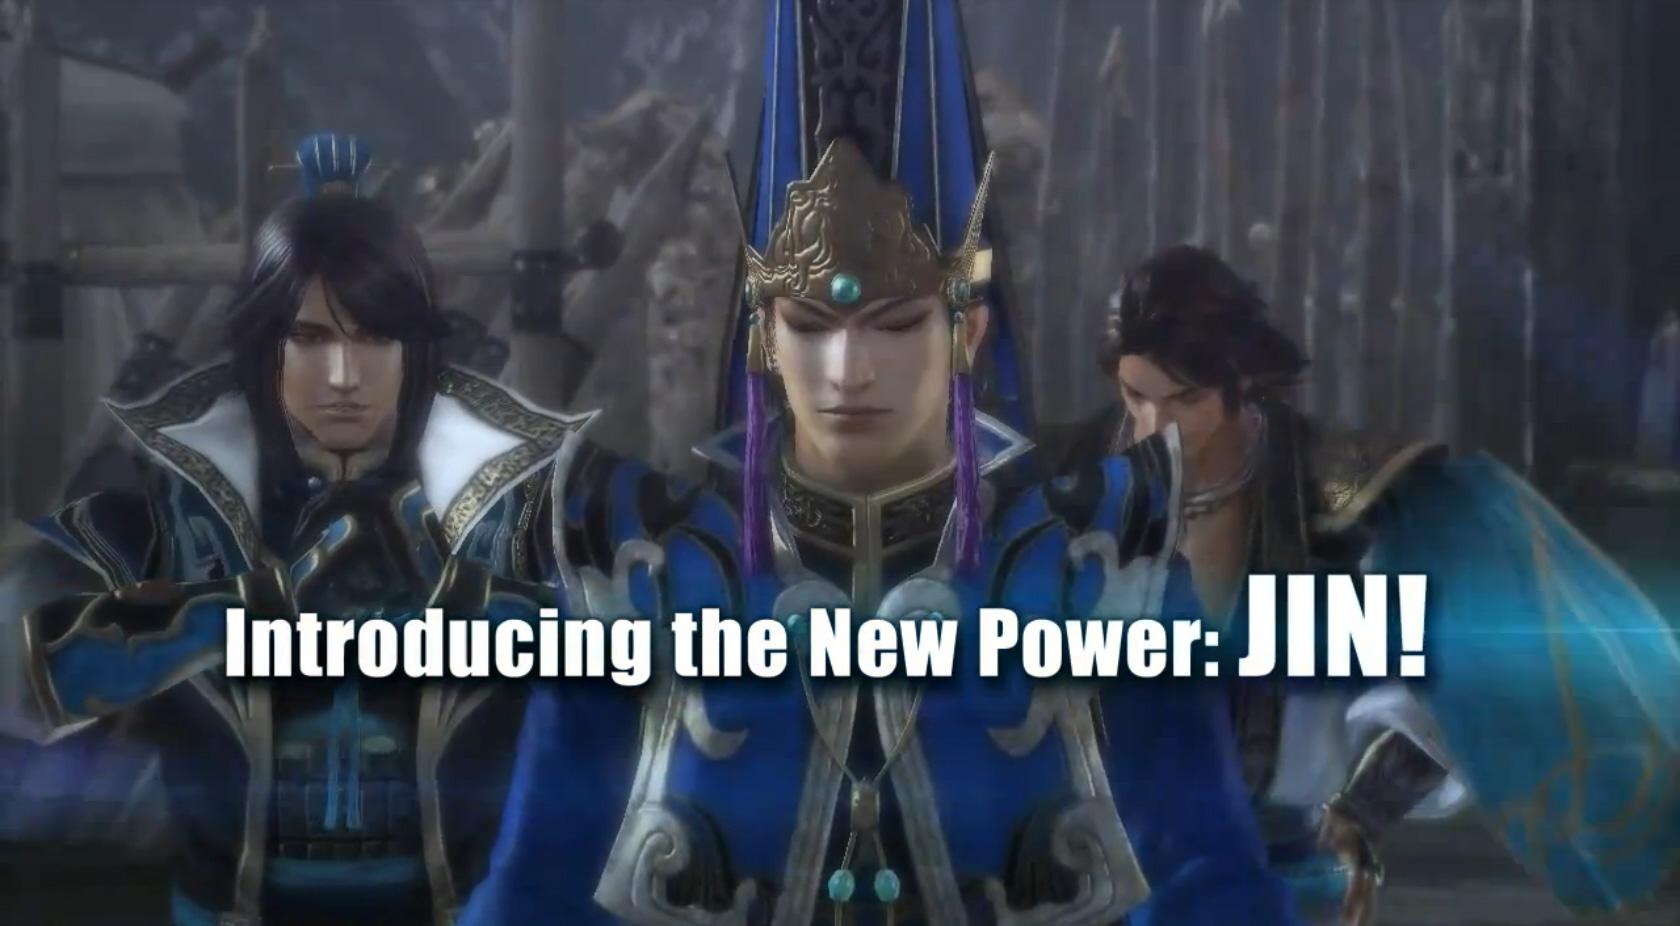 dynasty-warriors-7-jin-faction-screensho